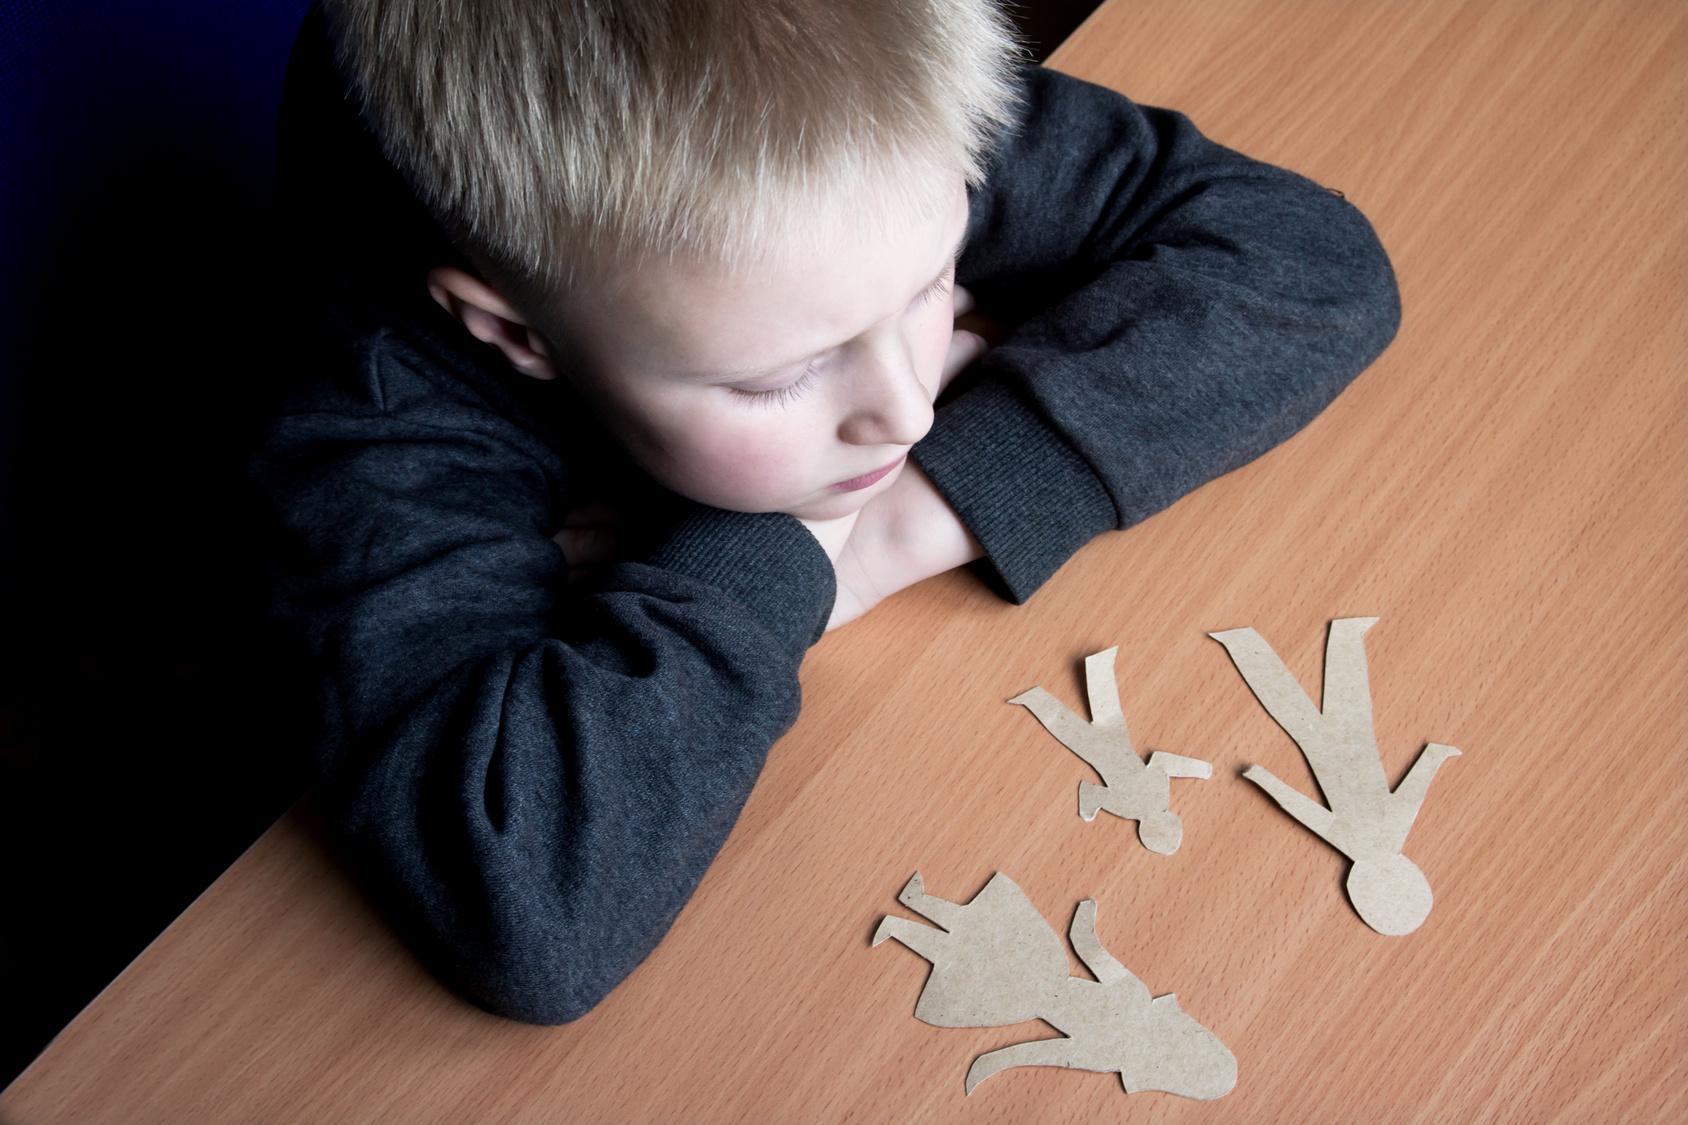 Auswirkungen einer Trennung auf Kinder Psychologe gibt Antworten